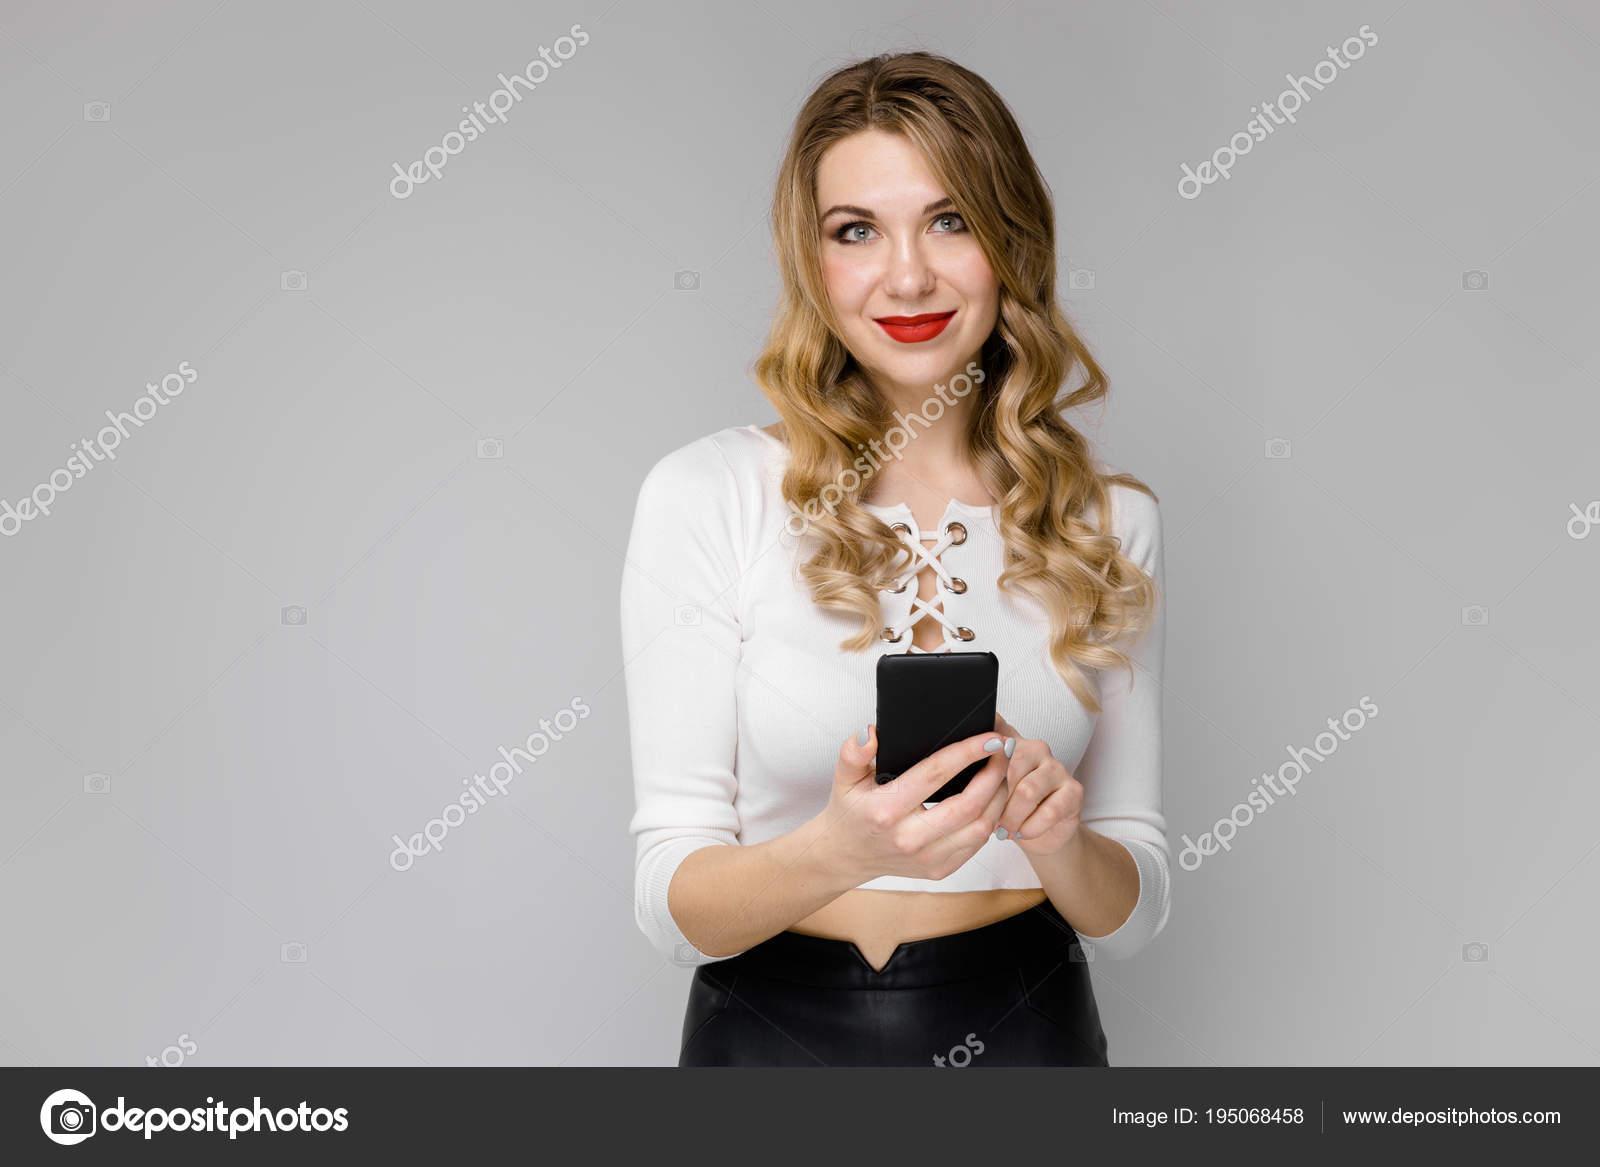 4aa1d60c22e2 Attraente giovane donna bionda di affari in vestiti in bianco e nero  sorridente che tiene telefono mobile nelle sue mani in piedi nell ufficio su  sfondo ...